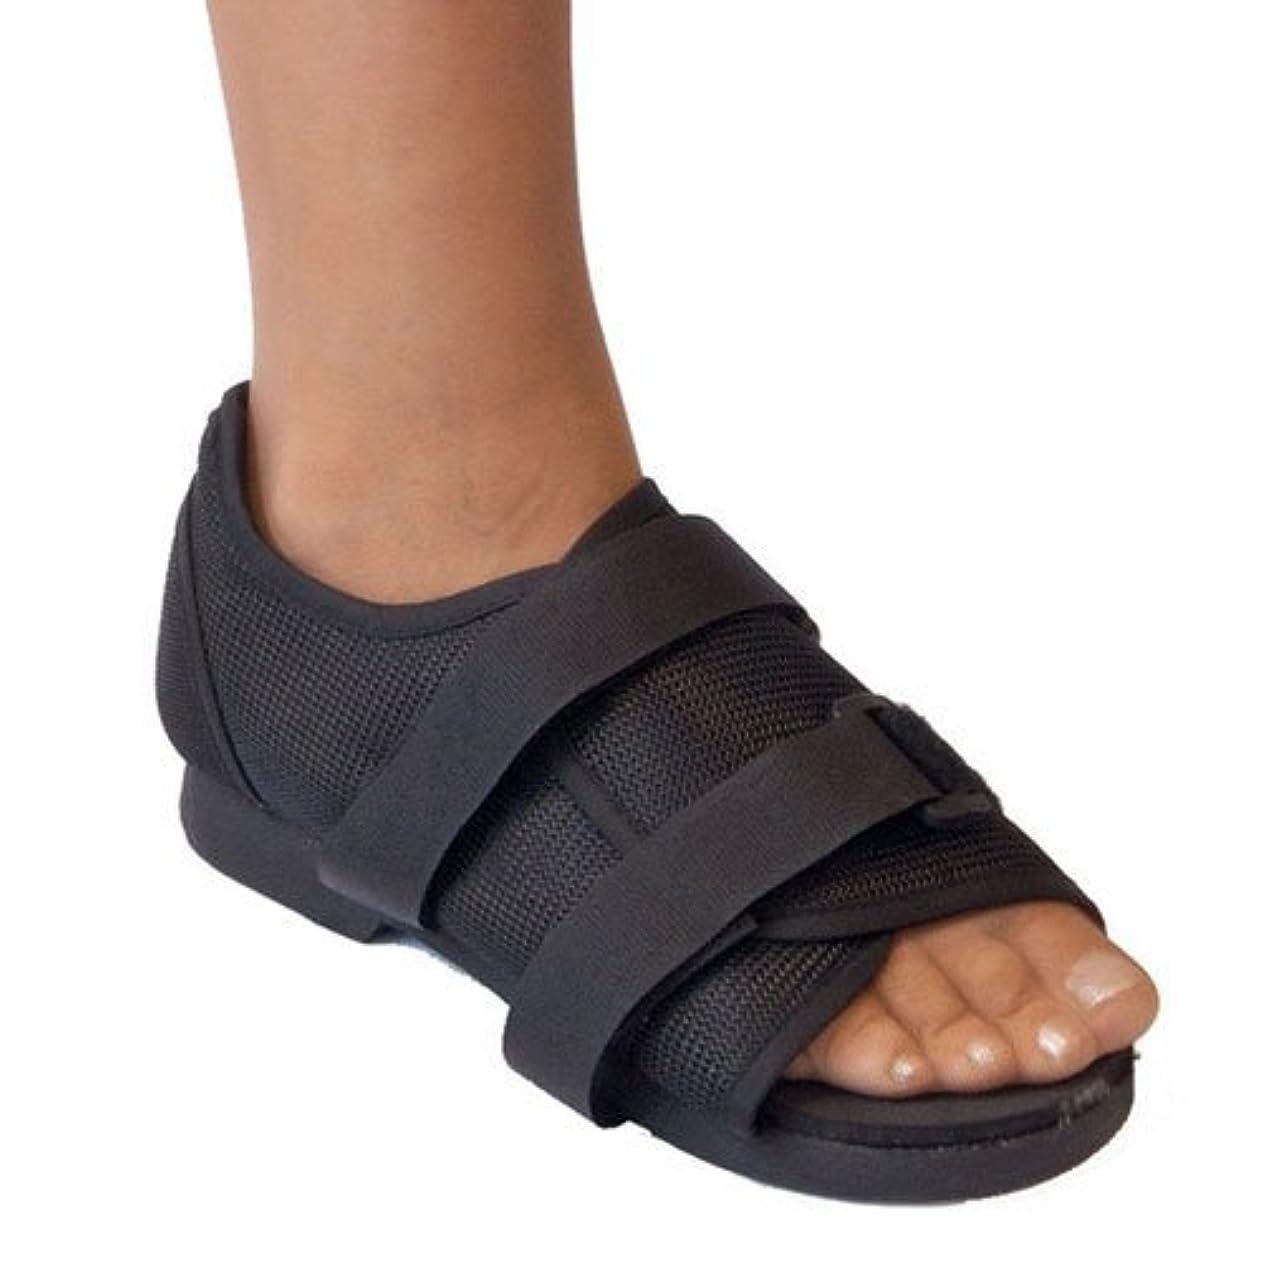 活性化する相手元気な術後靴、メディカルウォーキング、骨折した骨の耐久性のあるつま先整形外科サポートブレース。,M